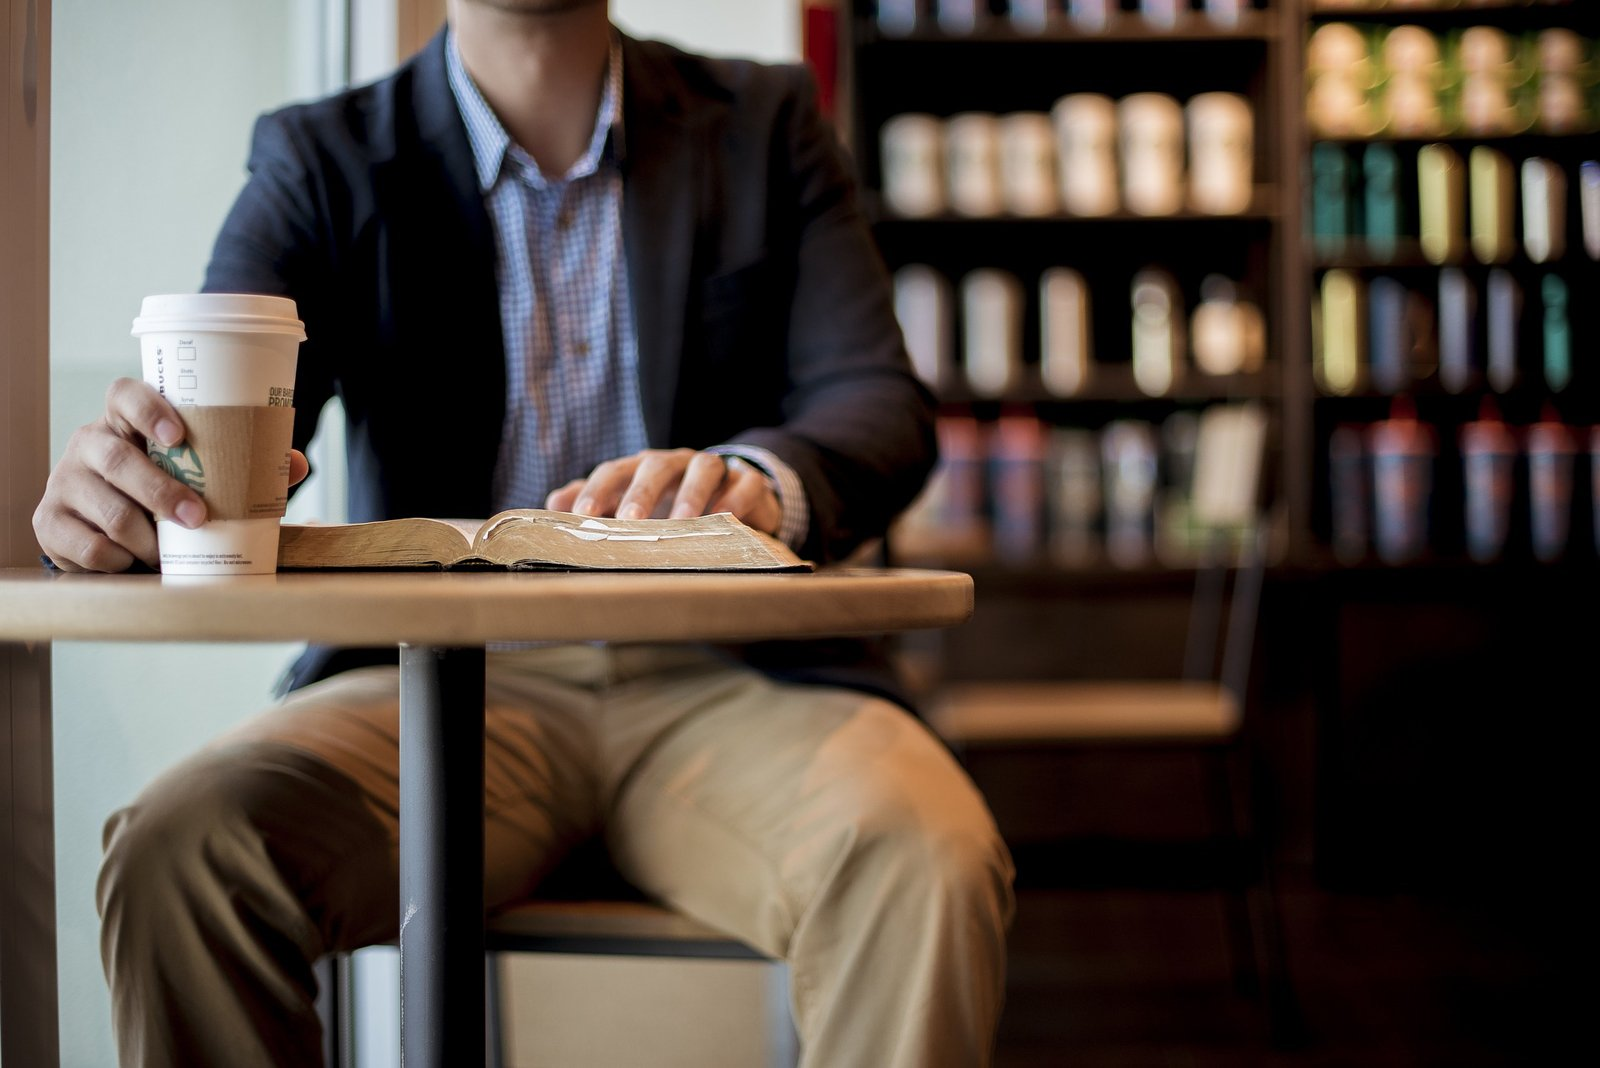 900 kávézót üzemeltető partner